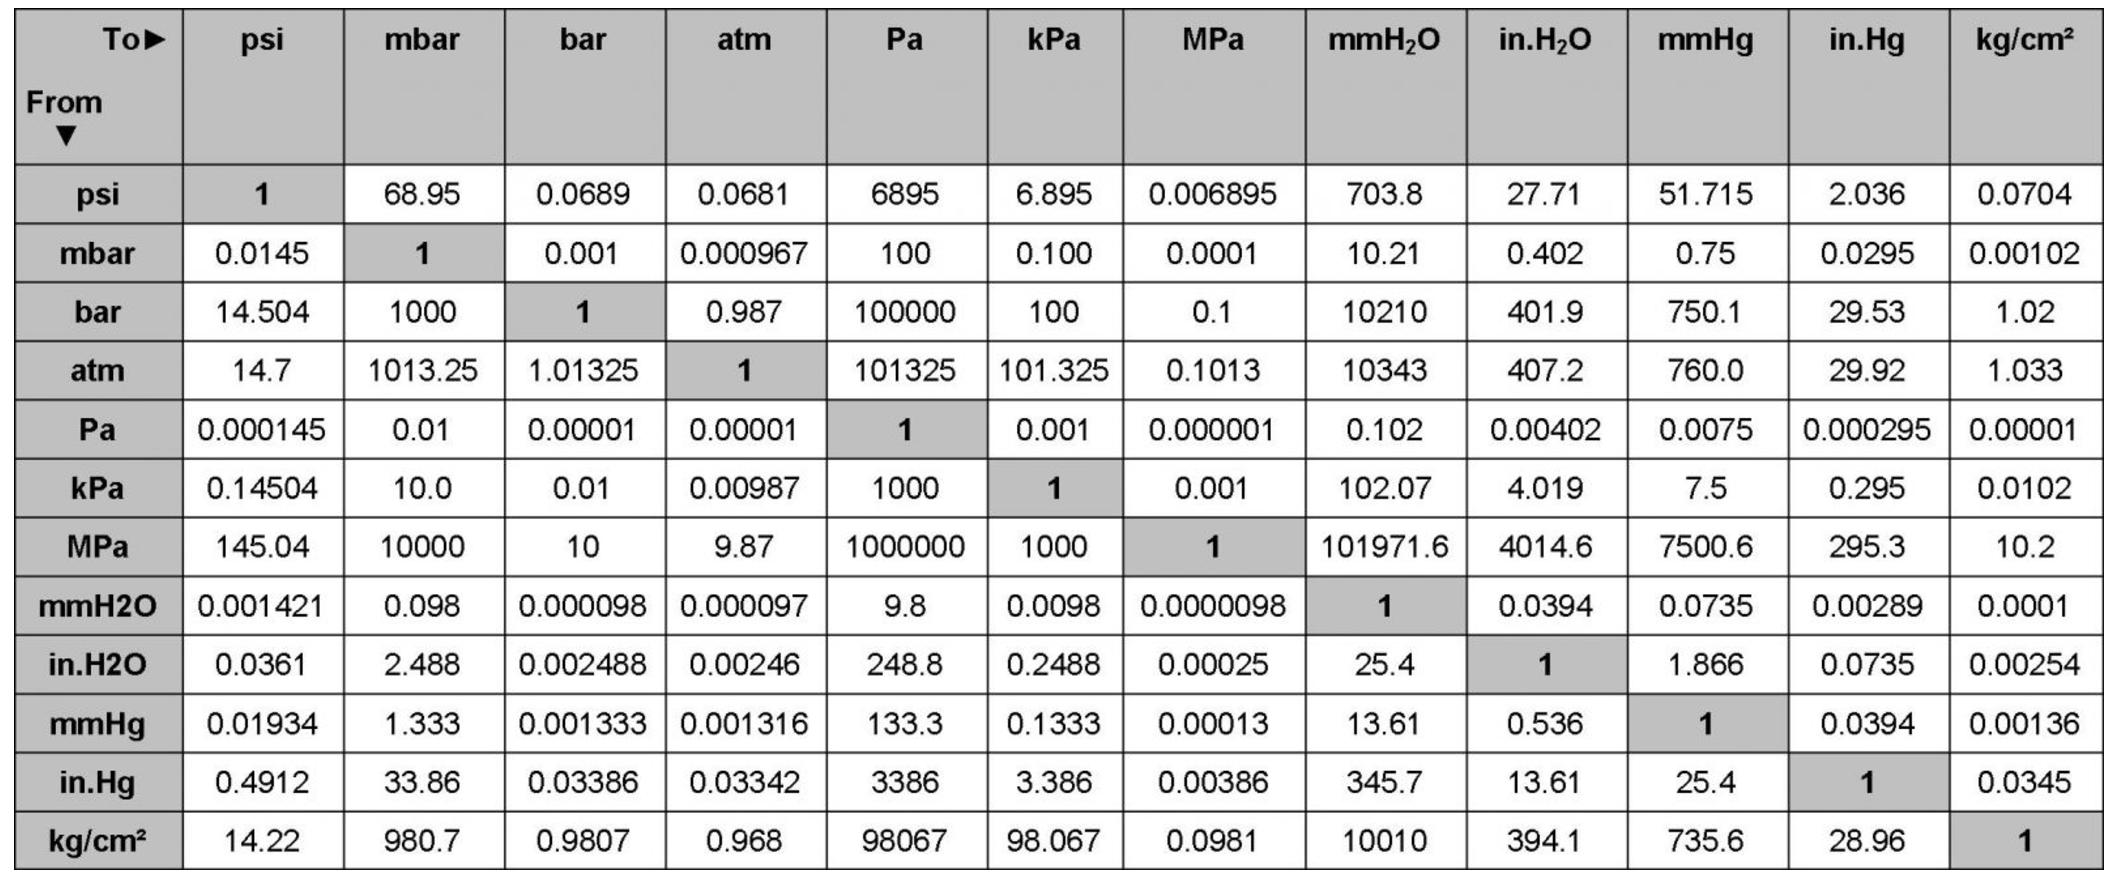 Bảng quy đổi các đơn vị áp suất Bar psi mpa kpa